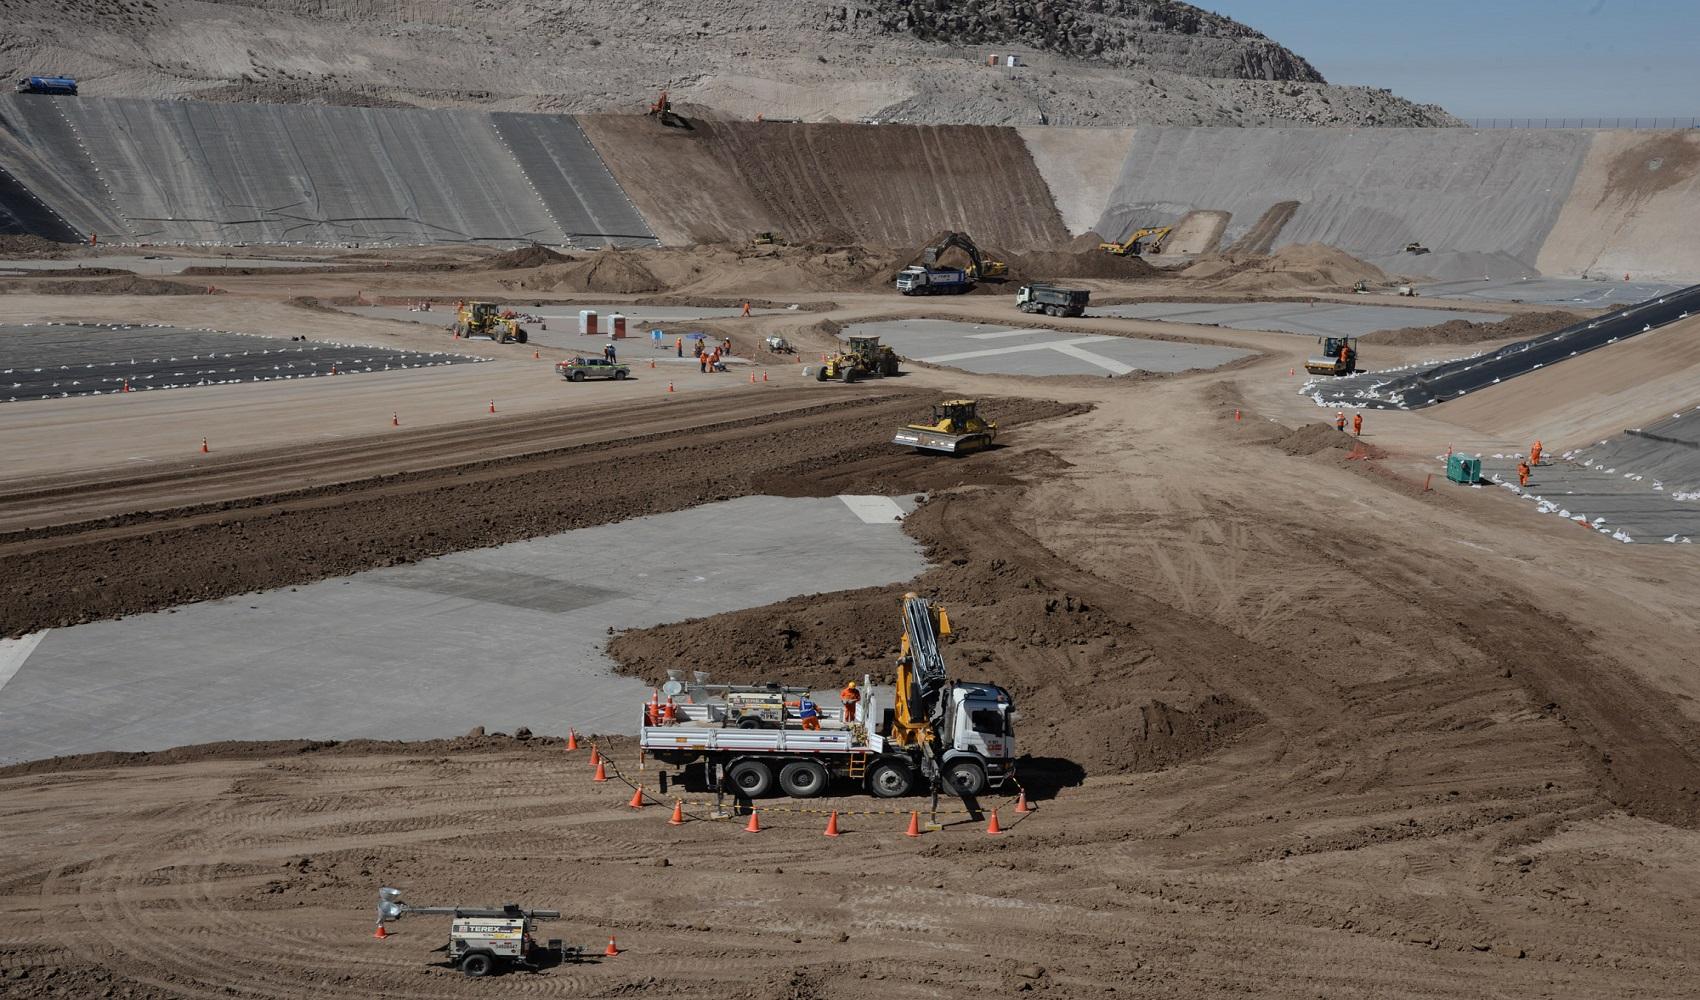 Construcción de proyectos Quellaveco y Mina Justa presentan un 50 y 75% de avance respectivamente